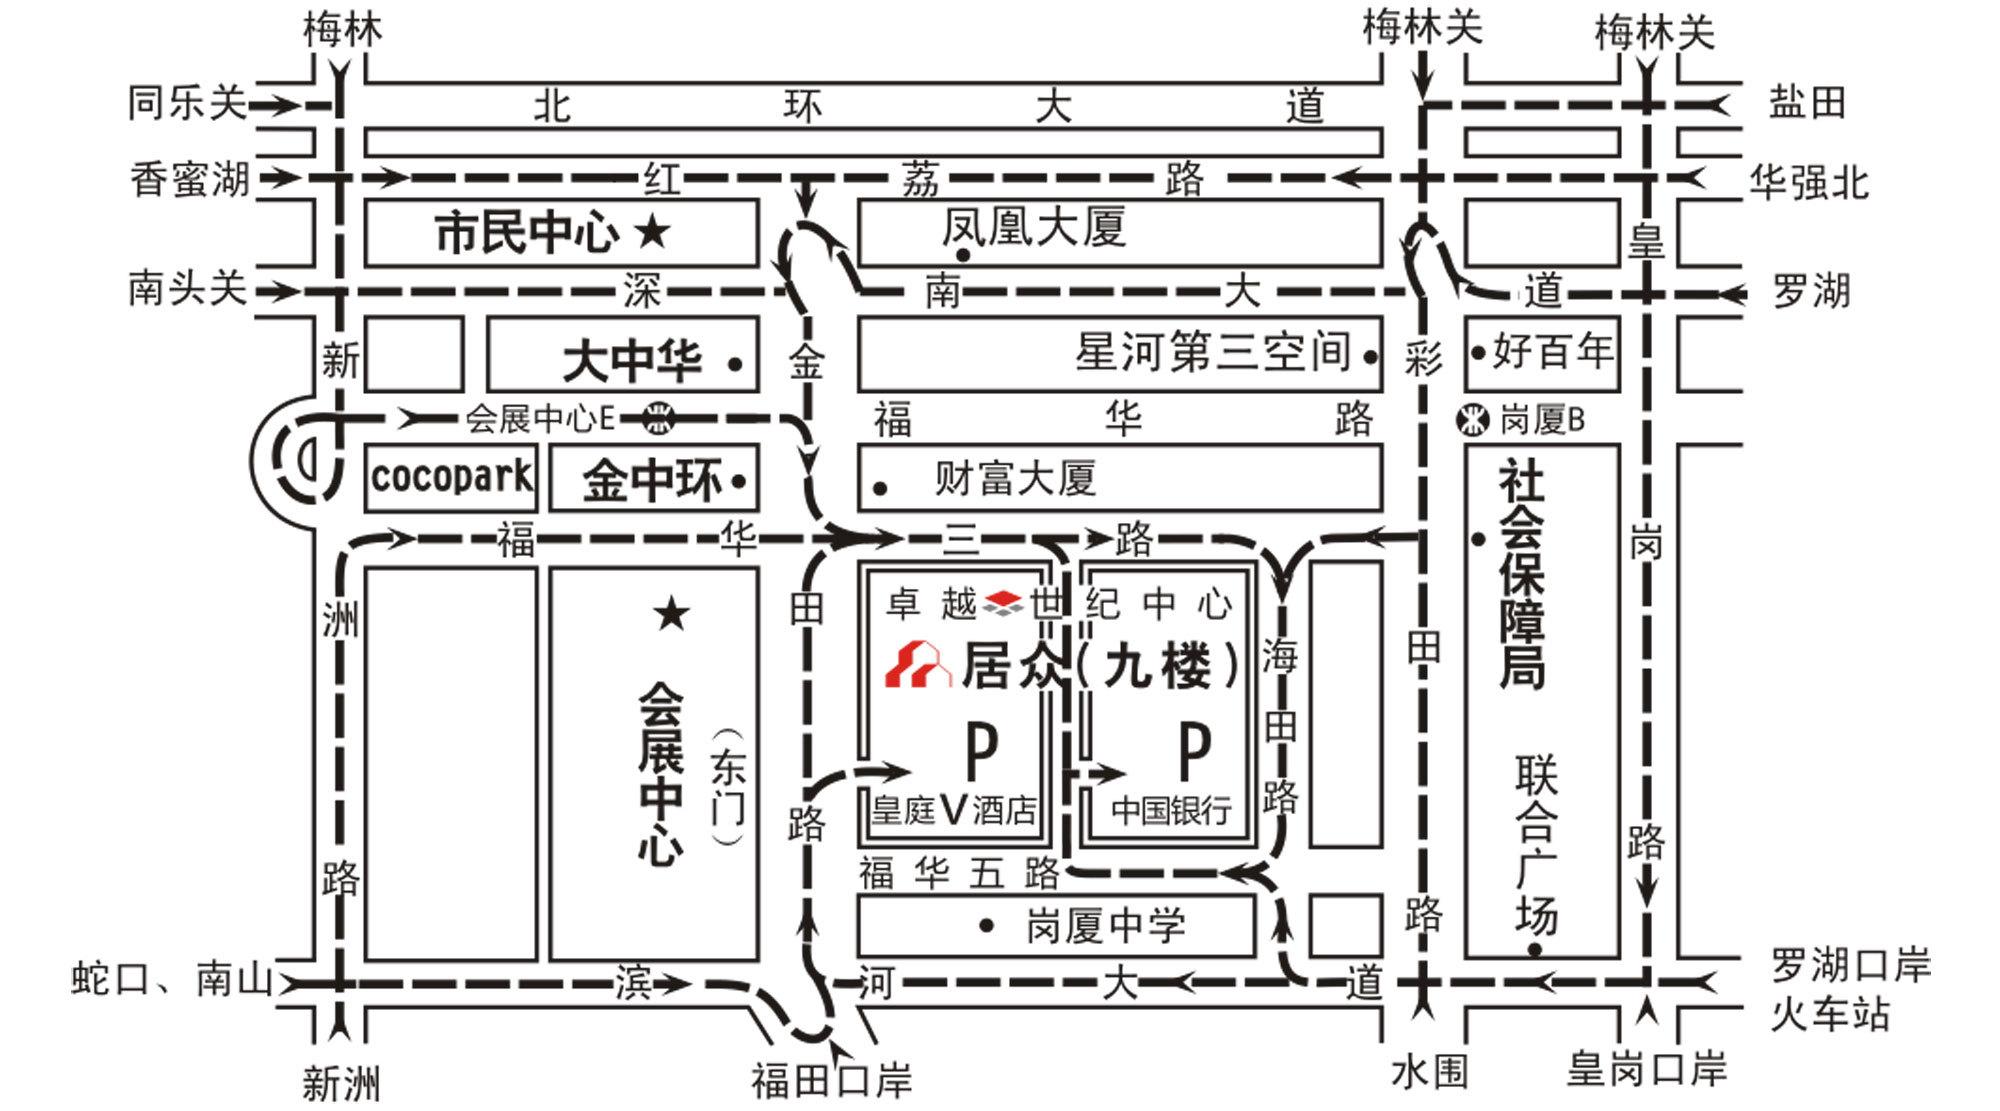 装饰系统电路图